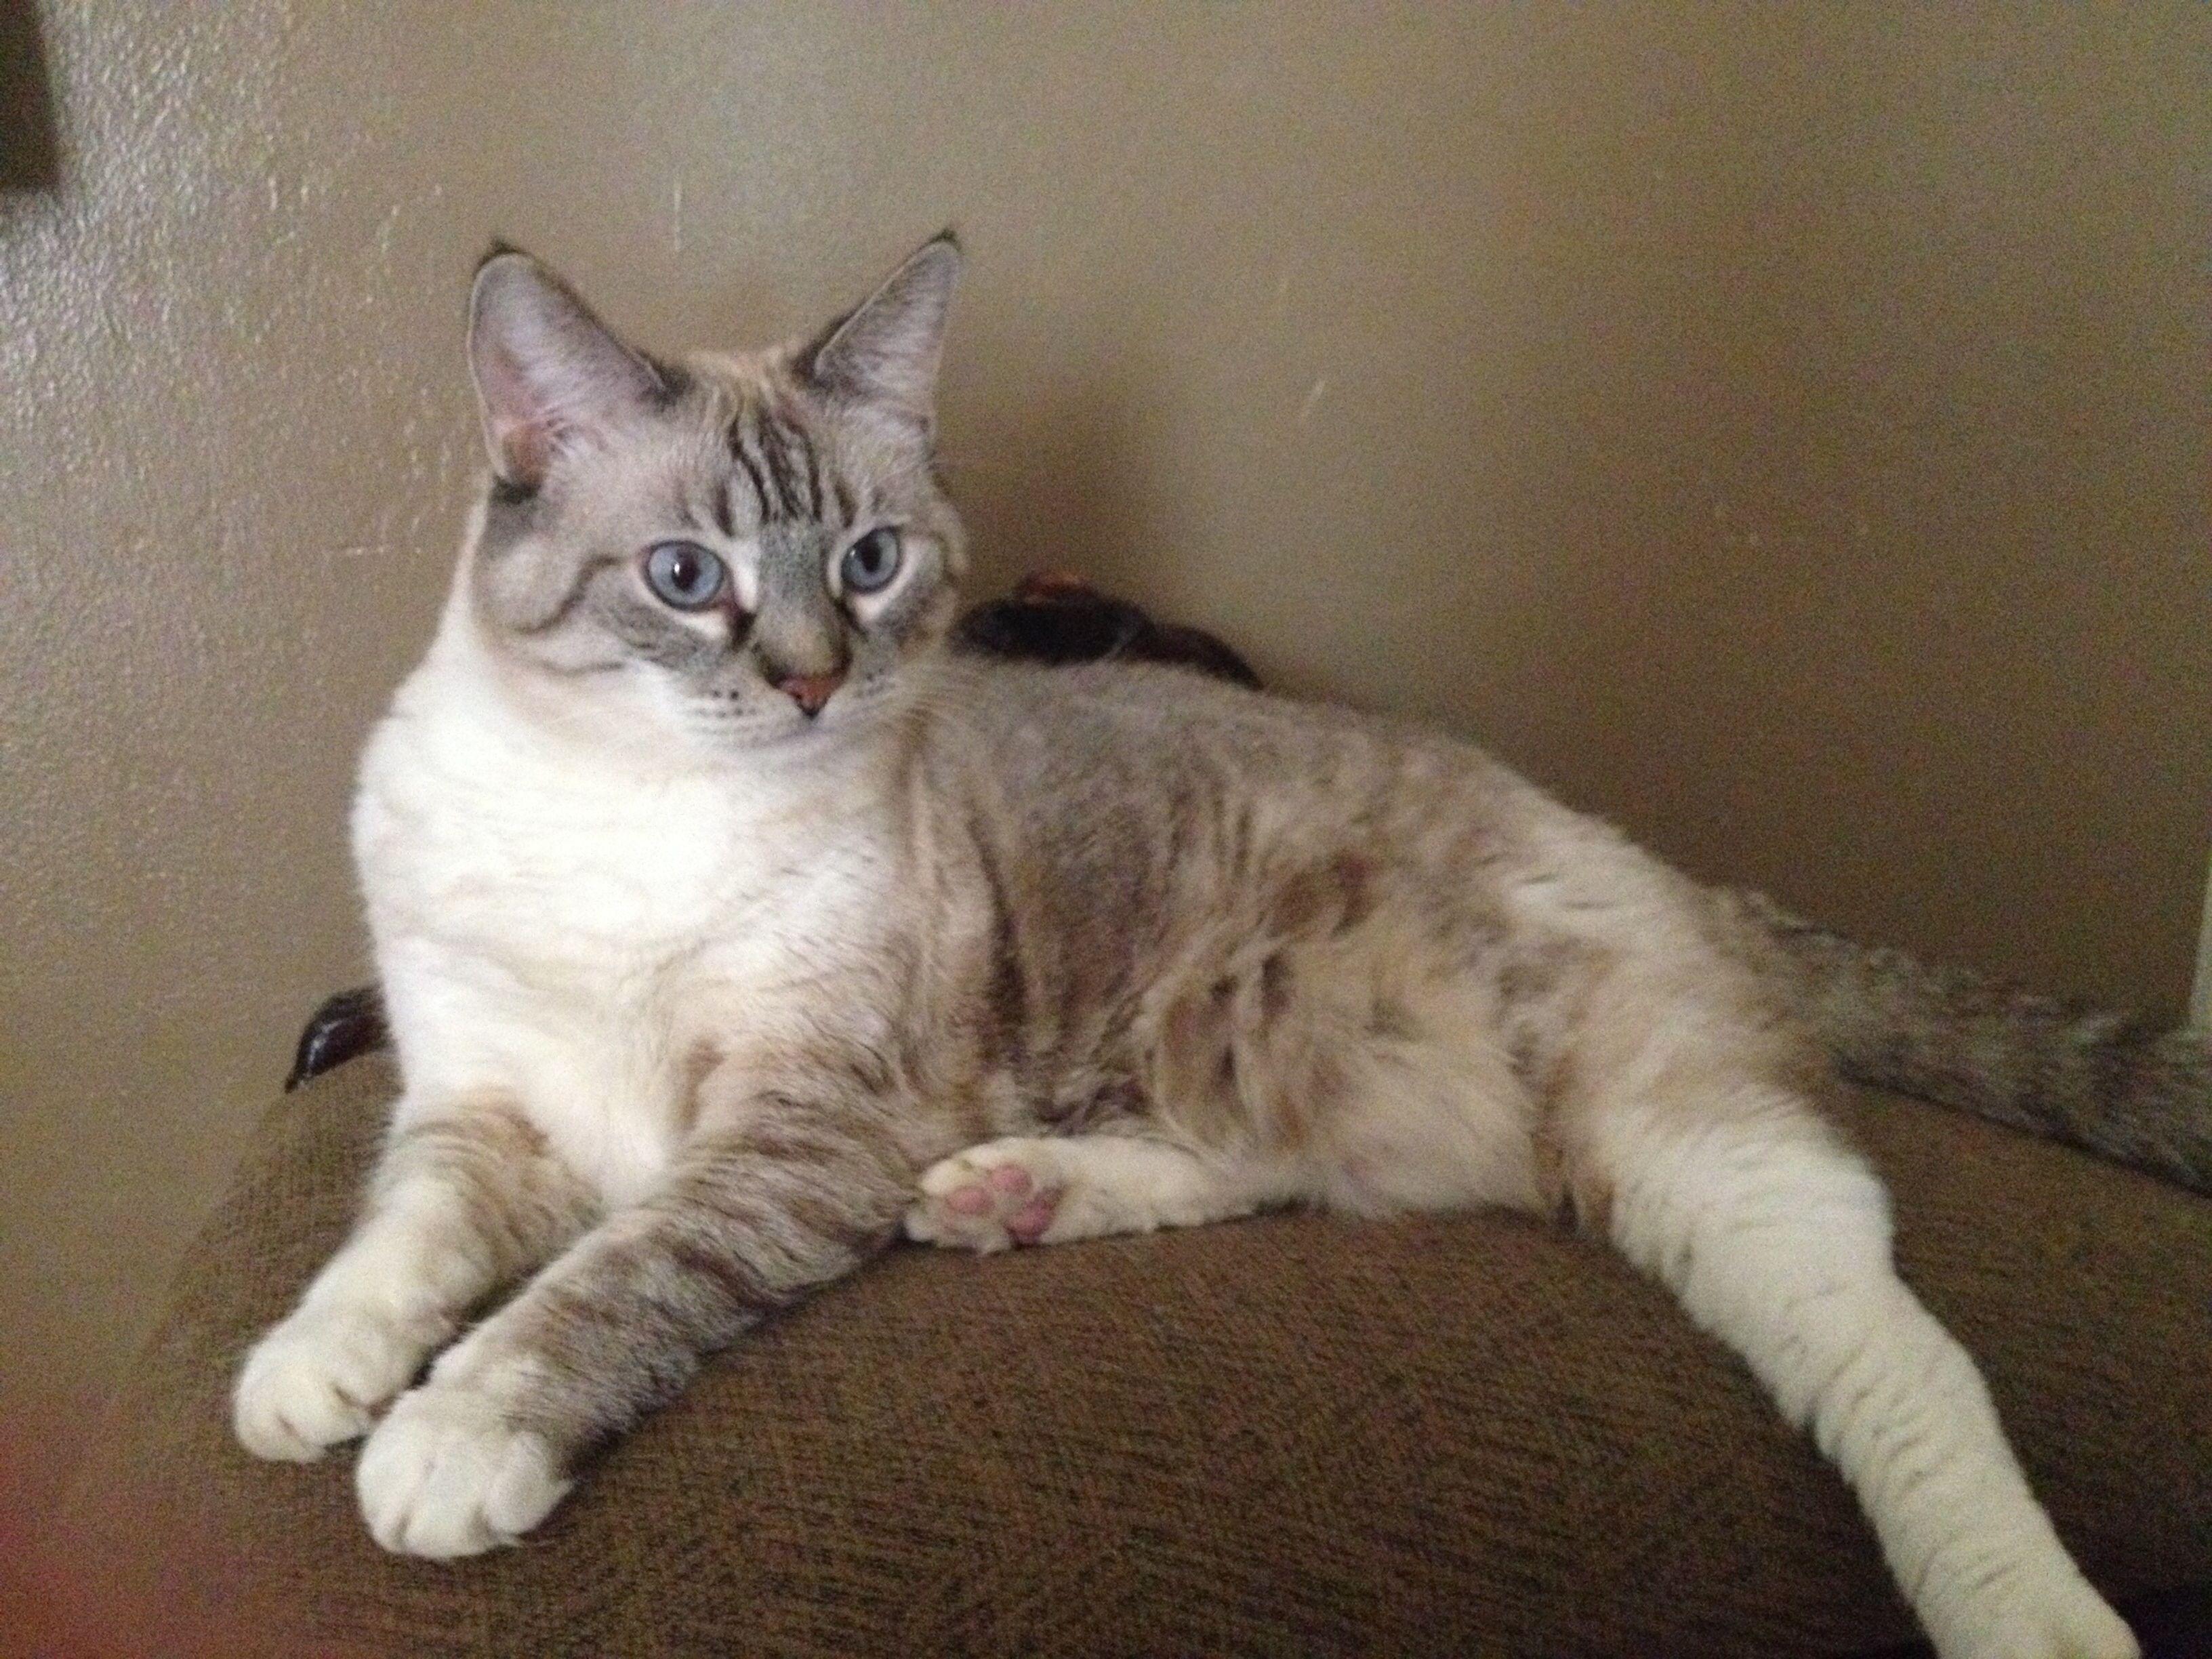 Nanashi my sweet lynx point Siamese cats